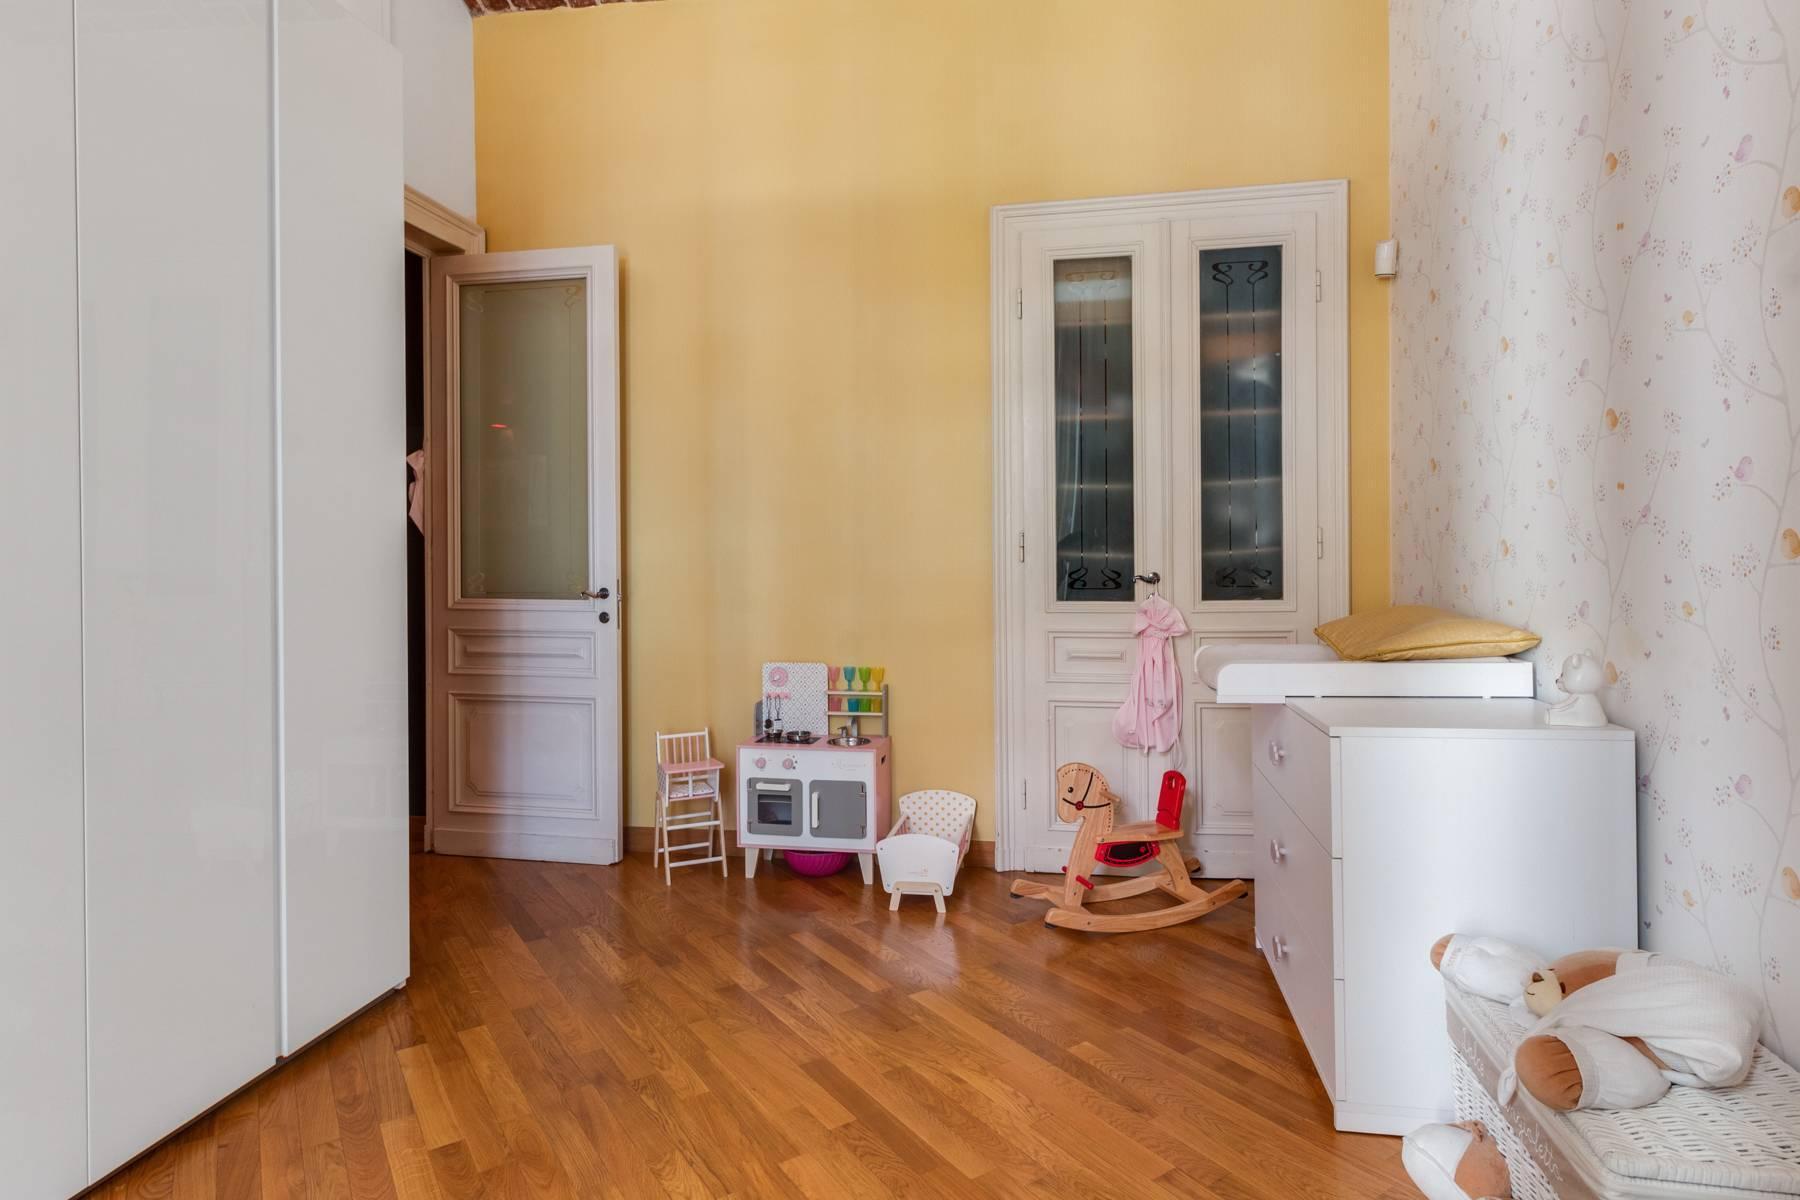 Affascinante appartamento nel cuore del quartiere Cit Turin - 21